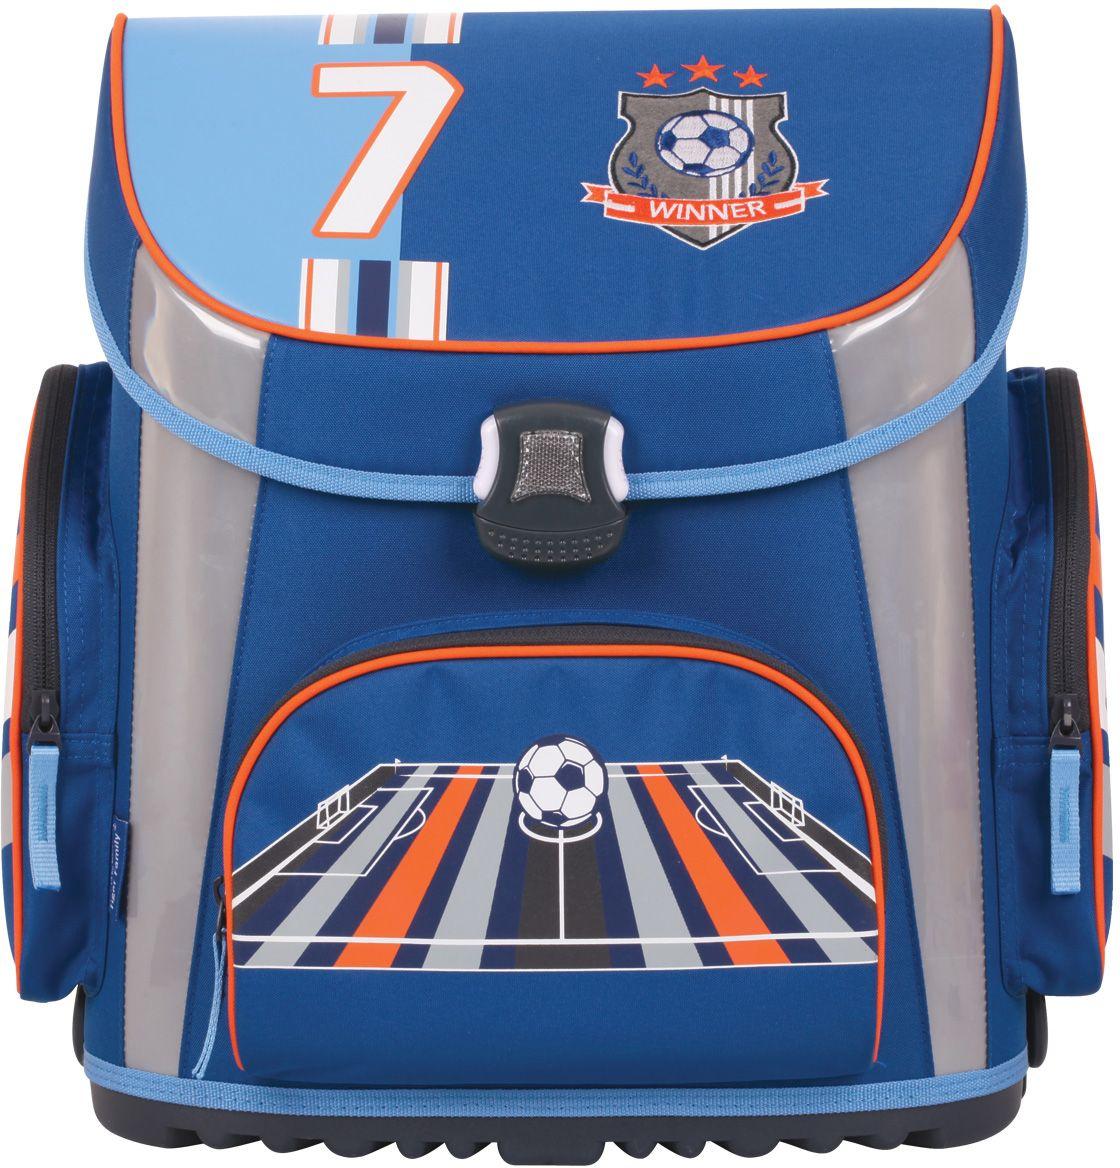 a05fe5355d1c Tiger Enterprise Ранец школьный Football Winner — купить в  интернет-магазине OZON.ru с быстрой доставкой